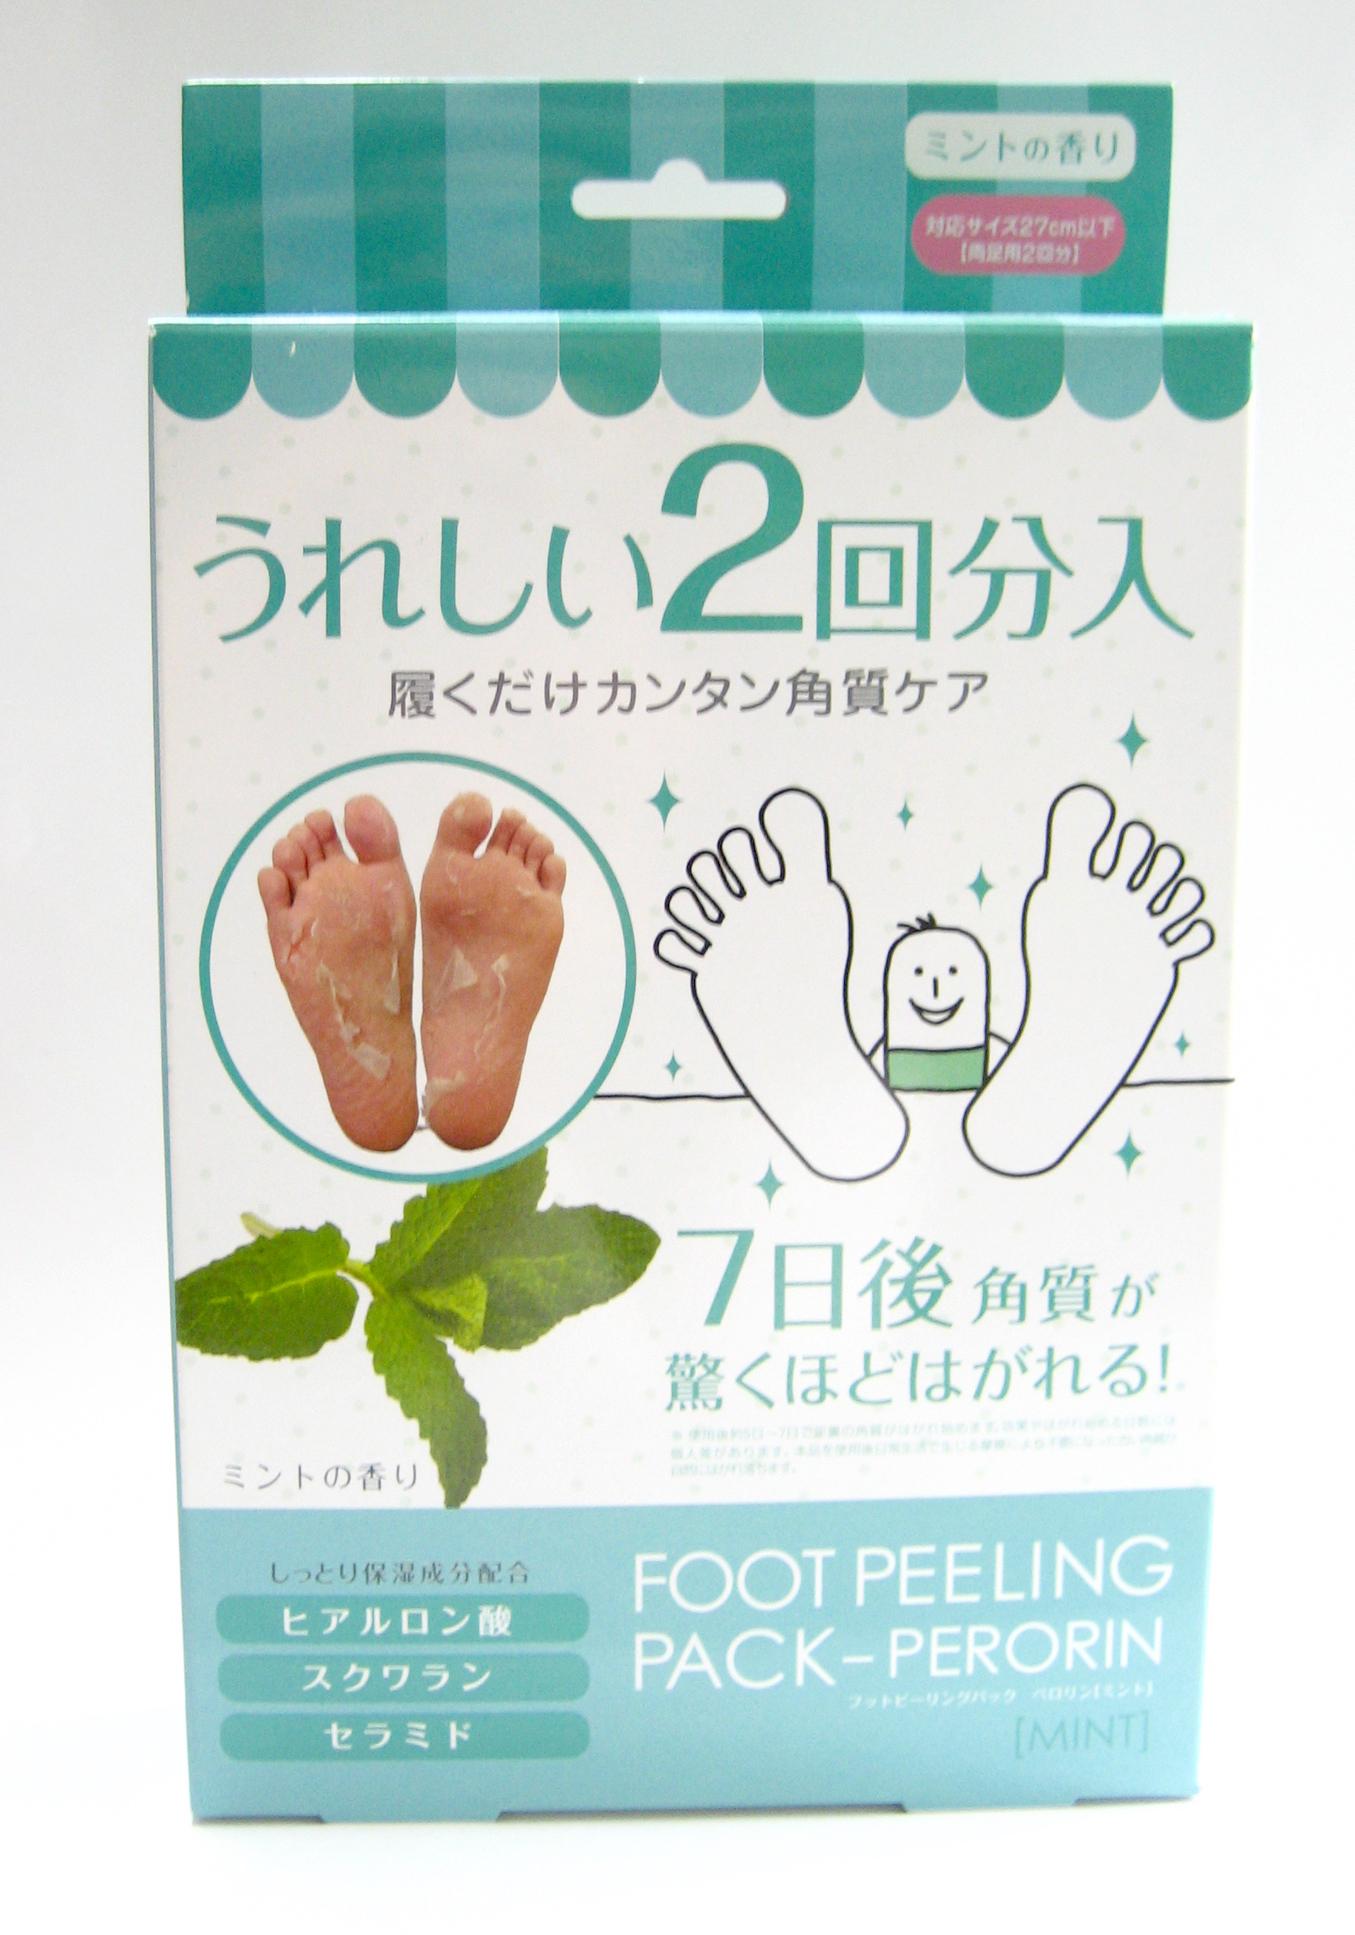 去角质脚膜 足部护理